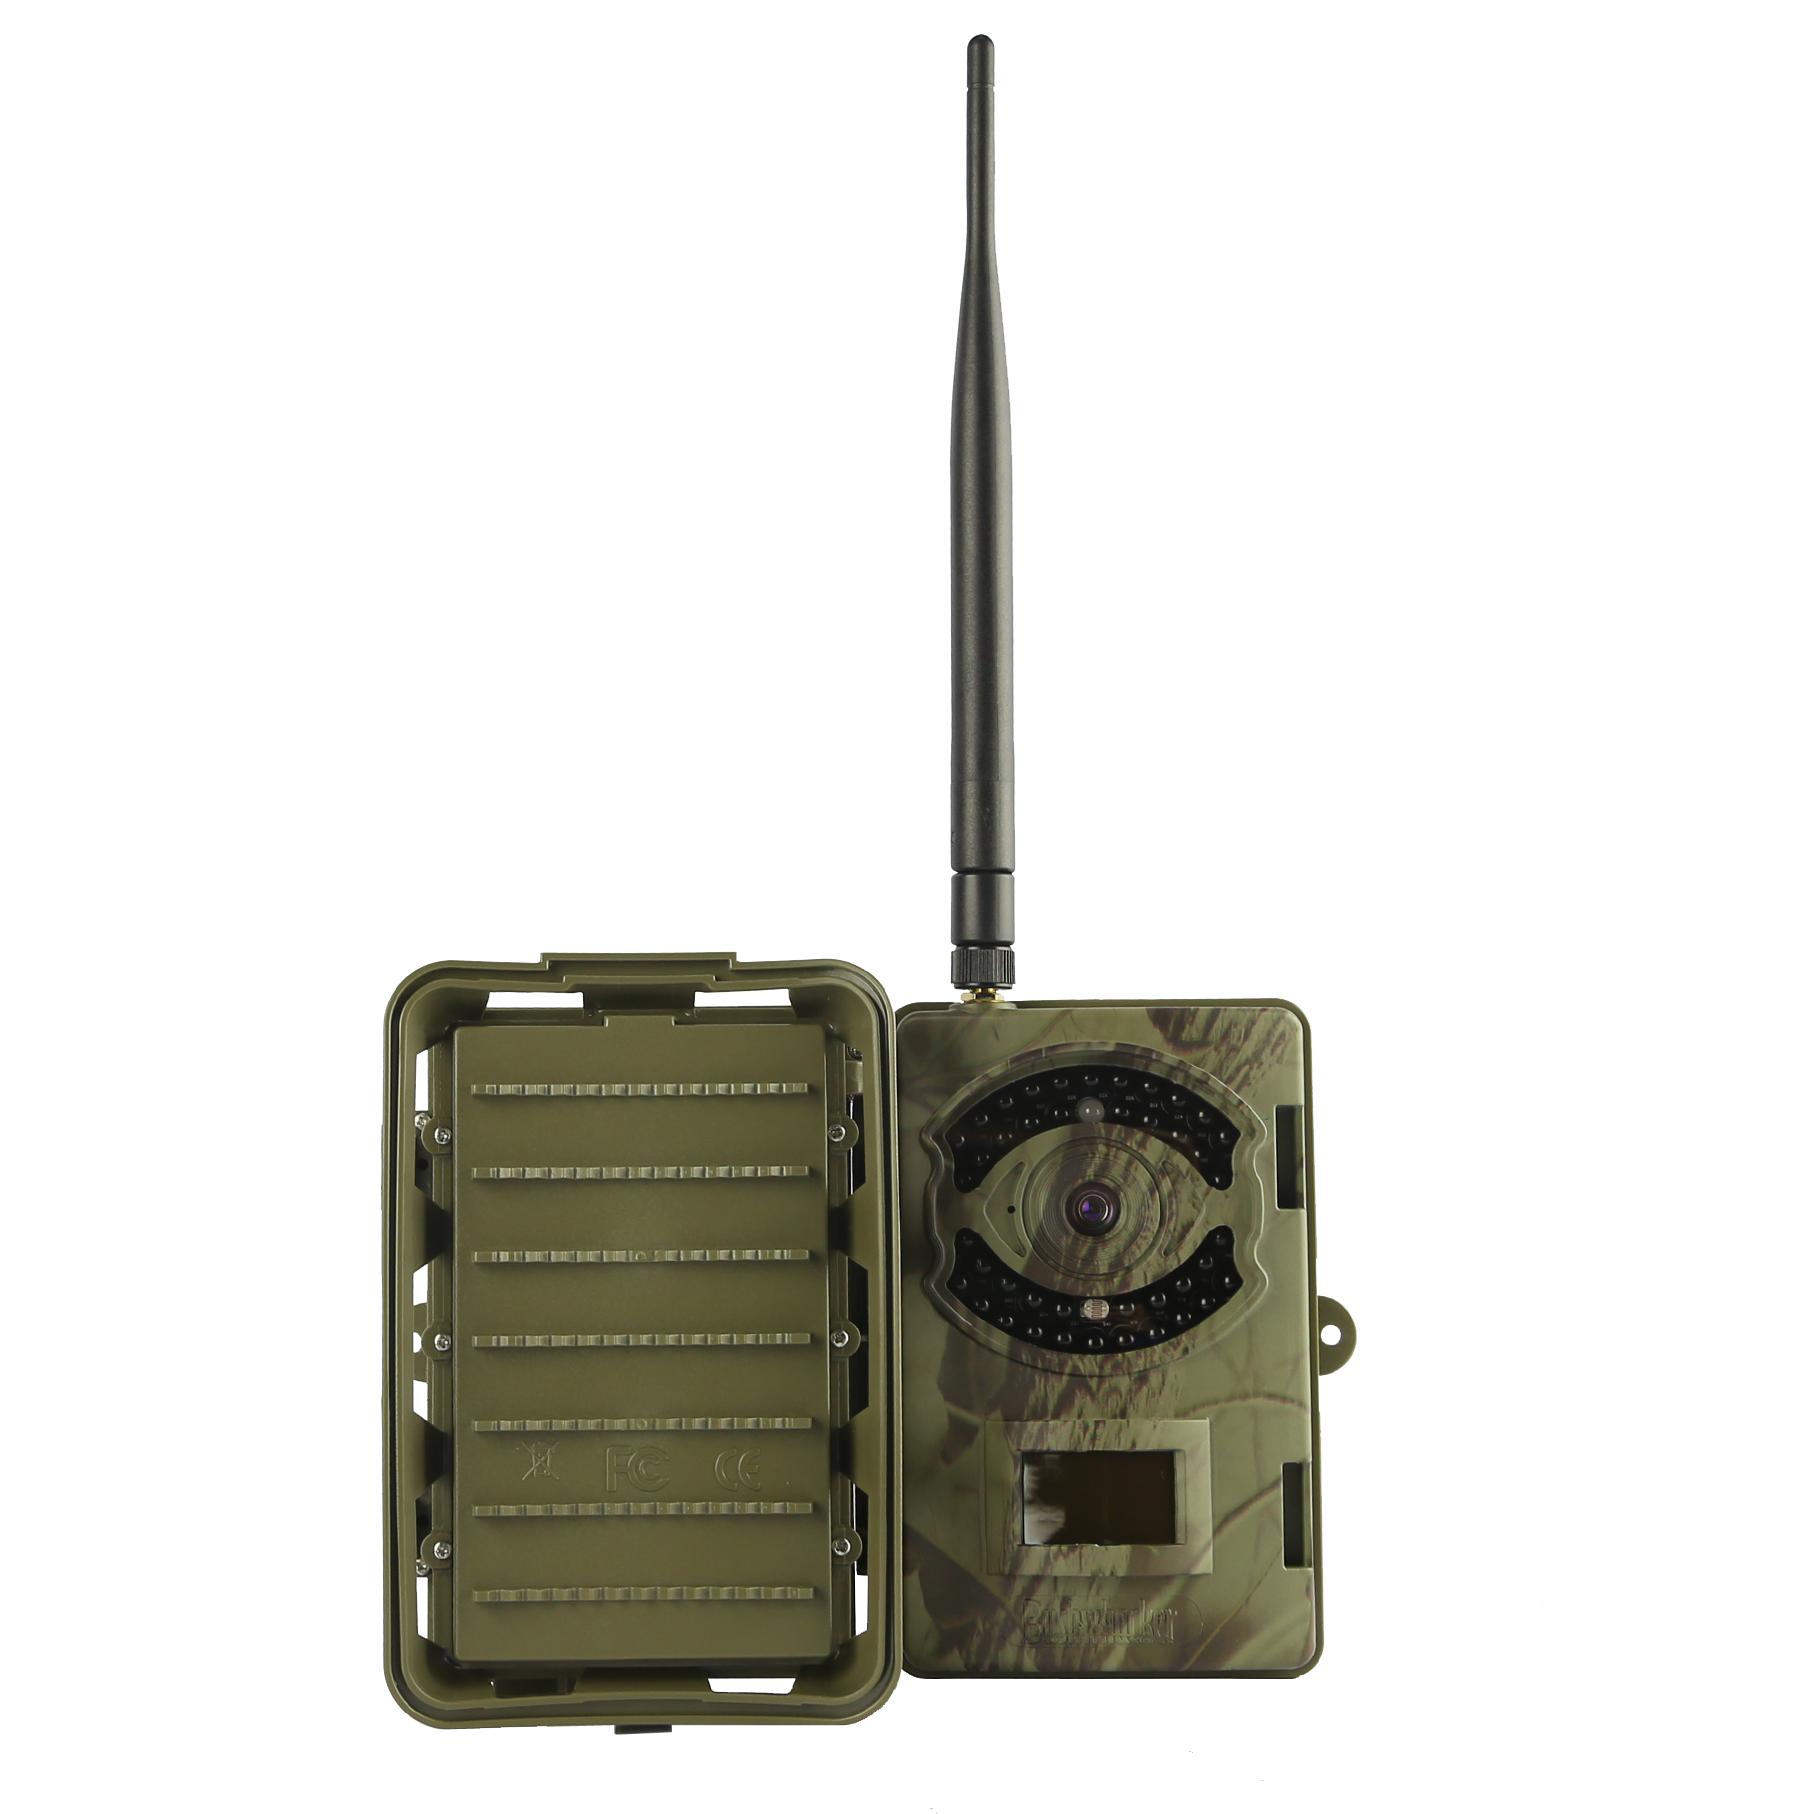 4G GSM LTE avcılık takip kamerası kamuflaj siyah <span class=keywords><strong>LED</strong></span> kızılötesi hareket algılama MMS <span class=keywords><strong>SMS</strong></span>